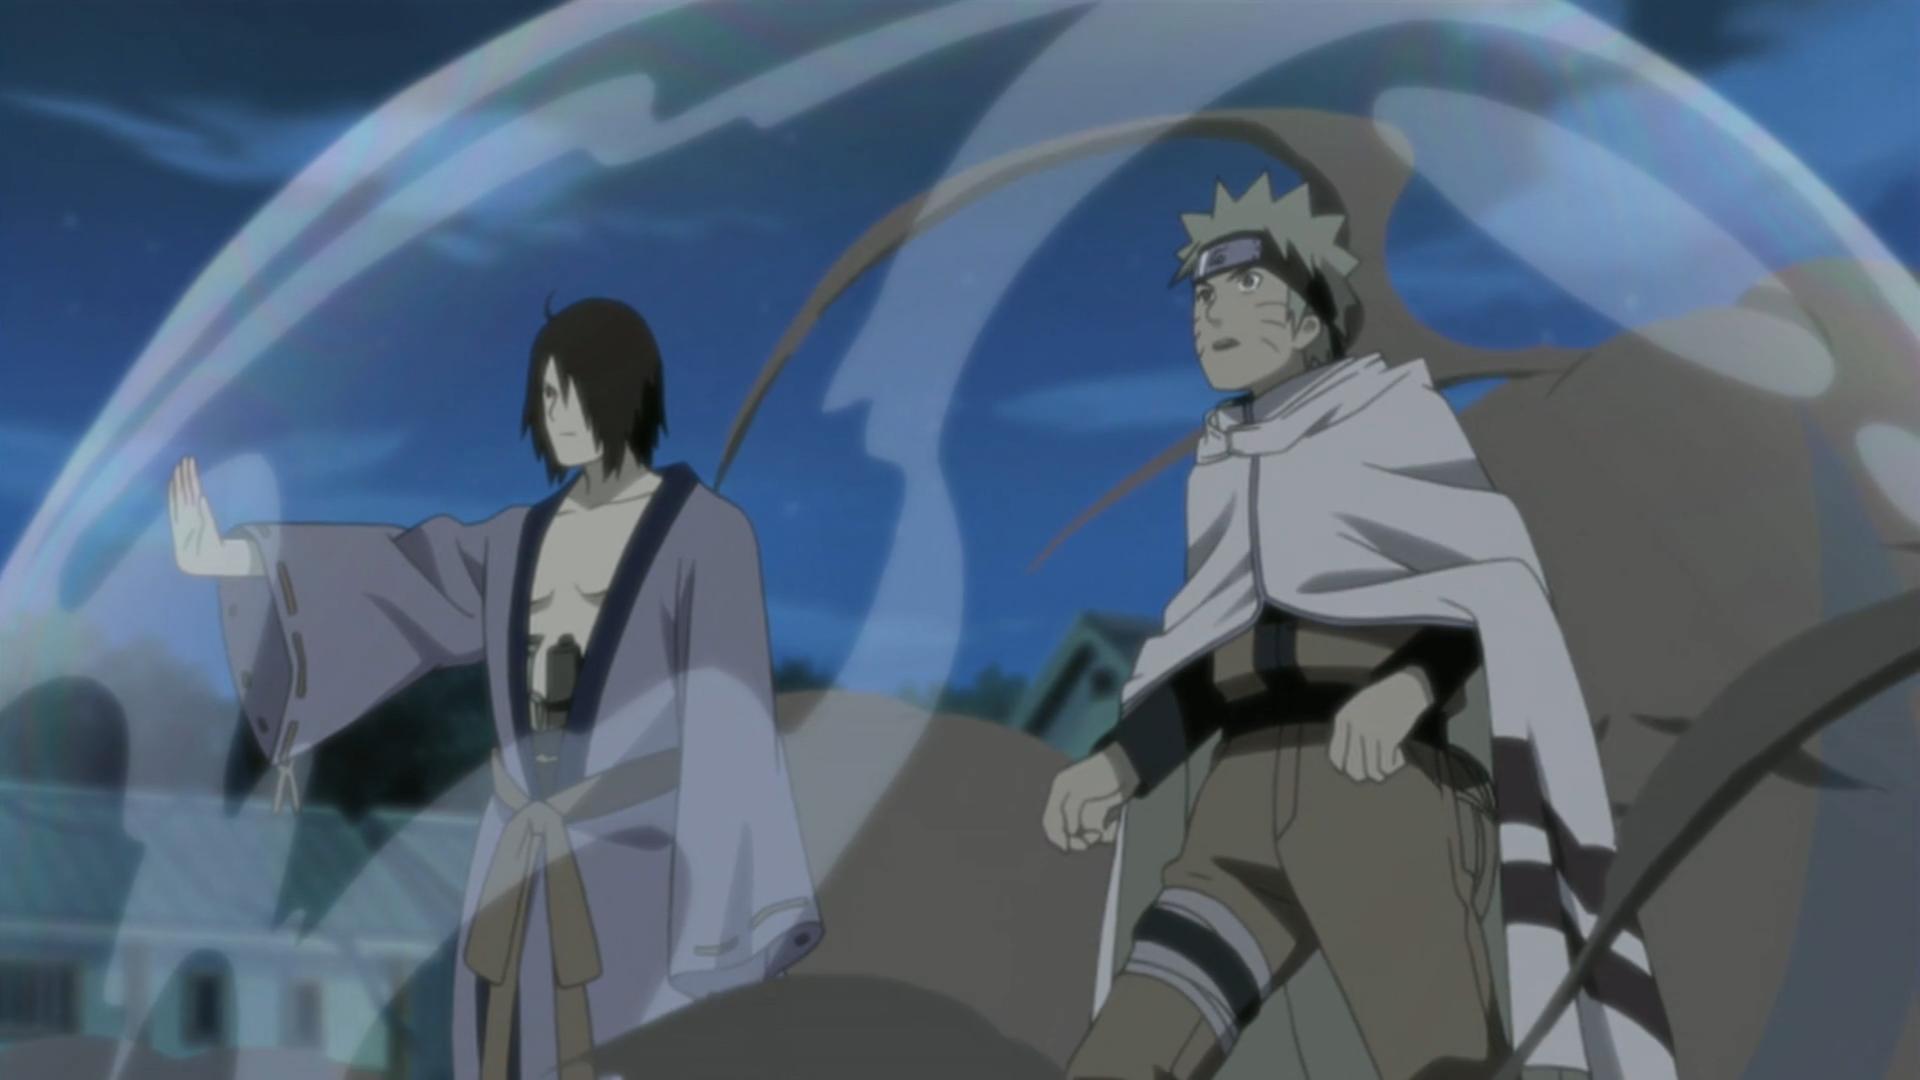 naruto shippuden season 11 worth watching